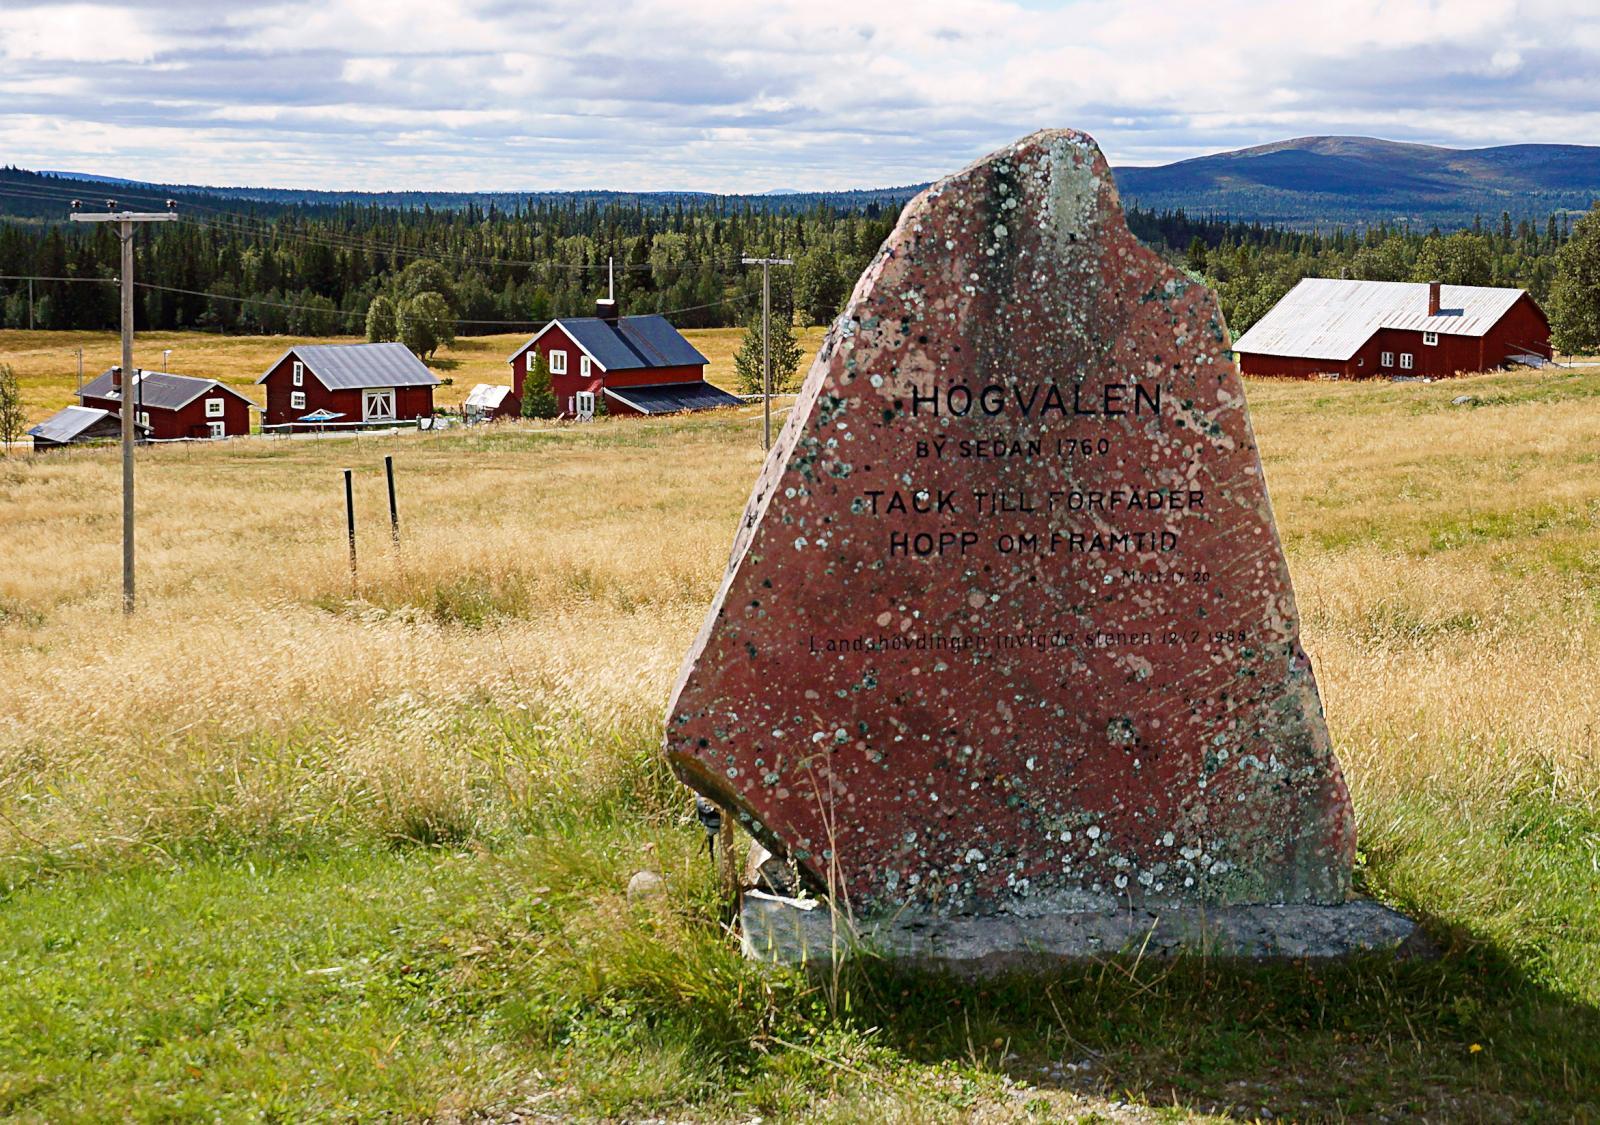 På gränsen mellan Härjedalen och Västerdalarna ligger Högvålen ensligt beläget.